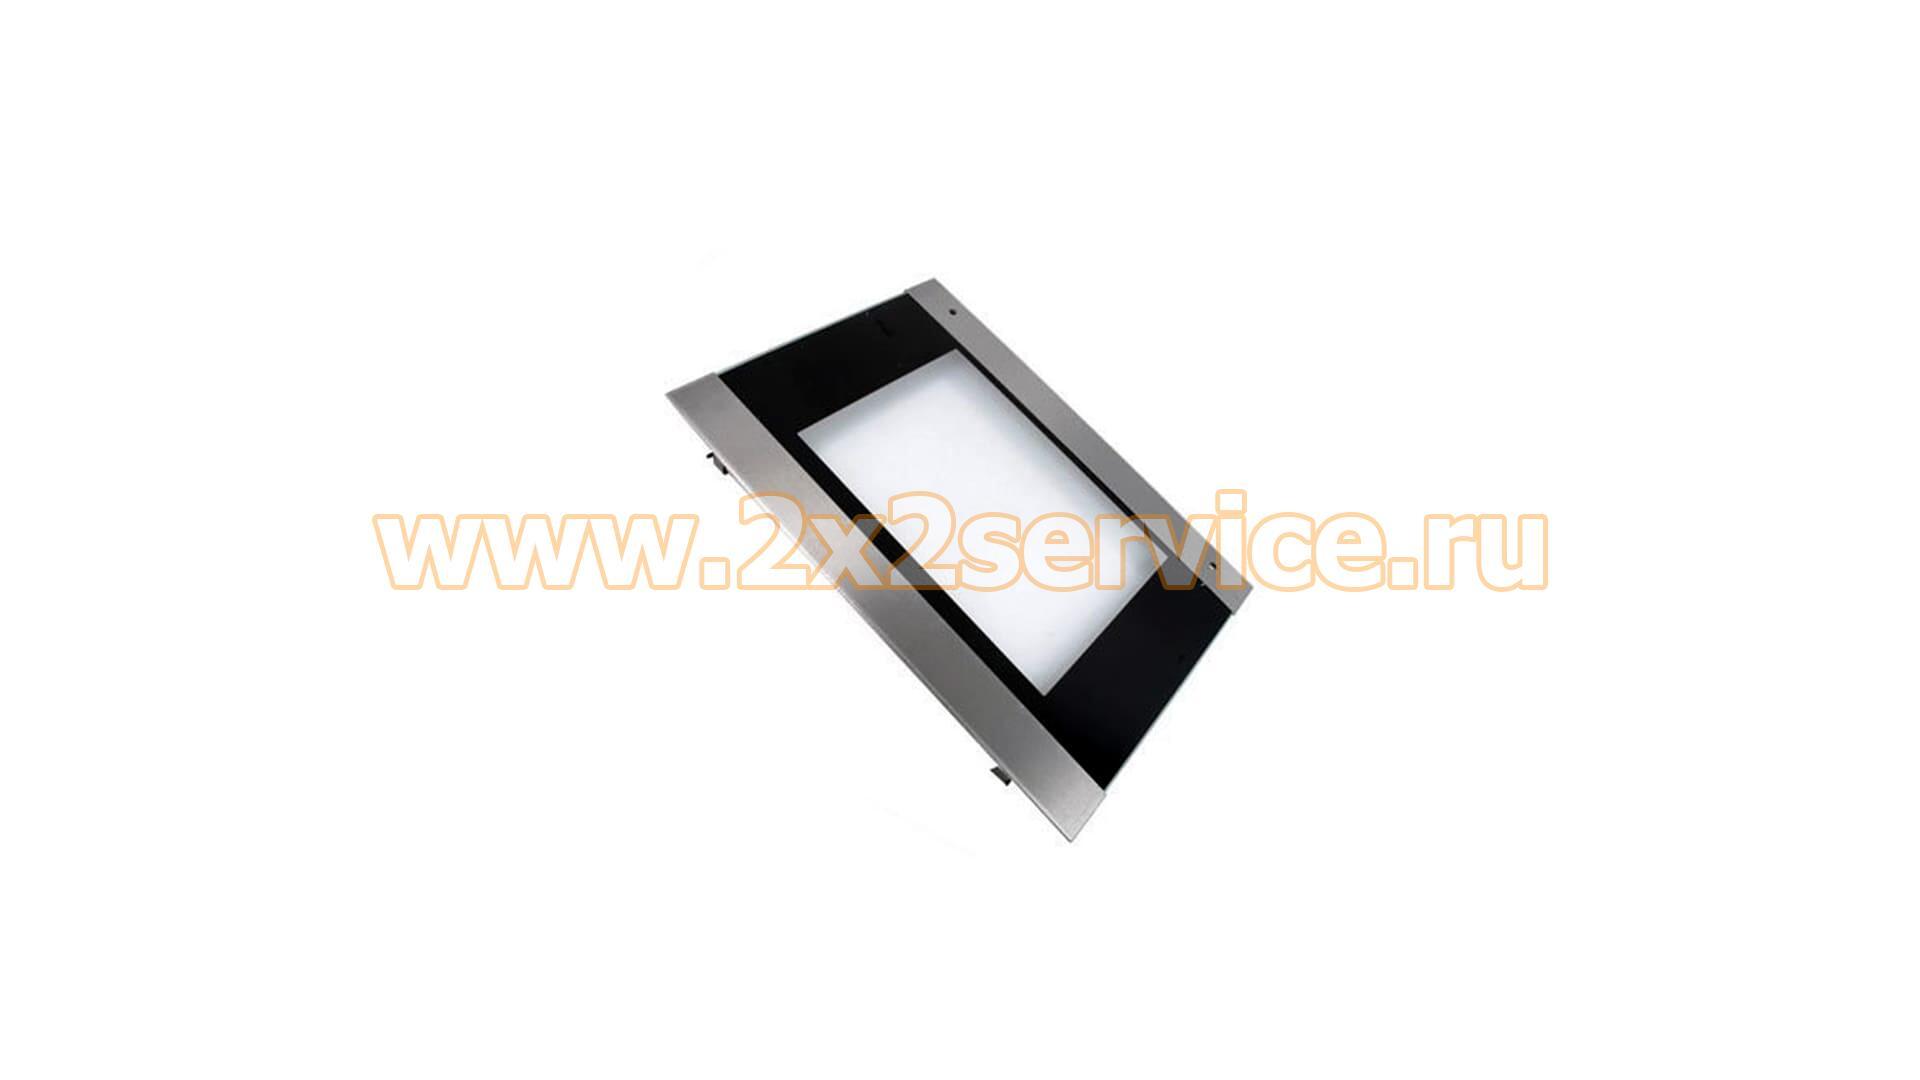 стекло для духового шкафа Electrolux купить